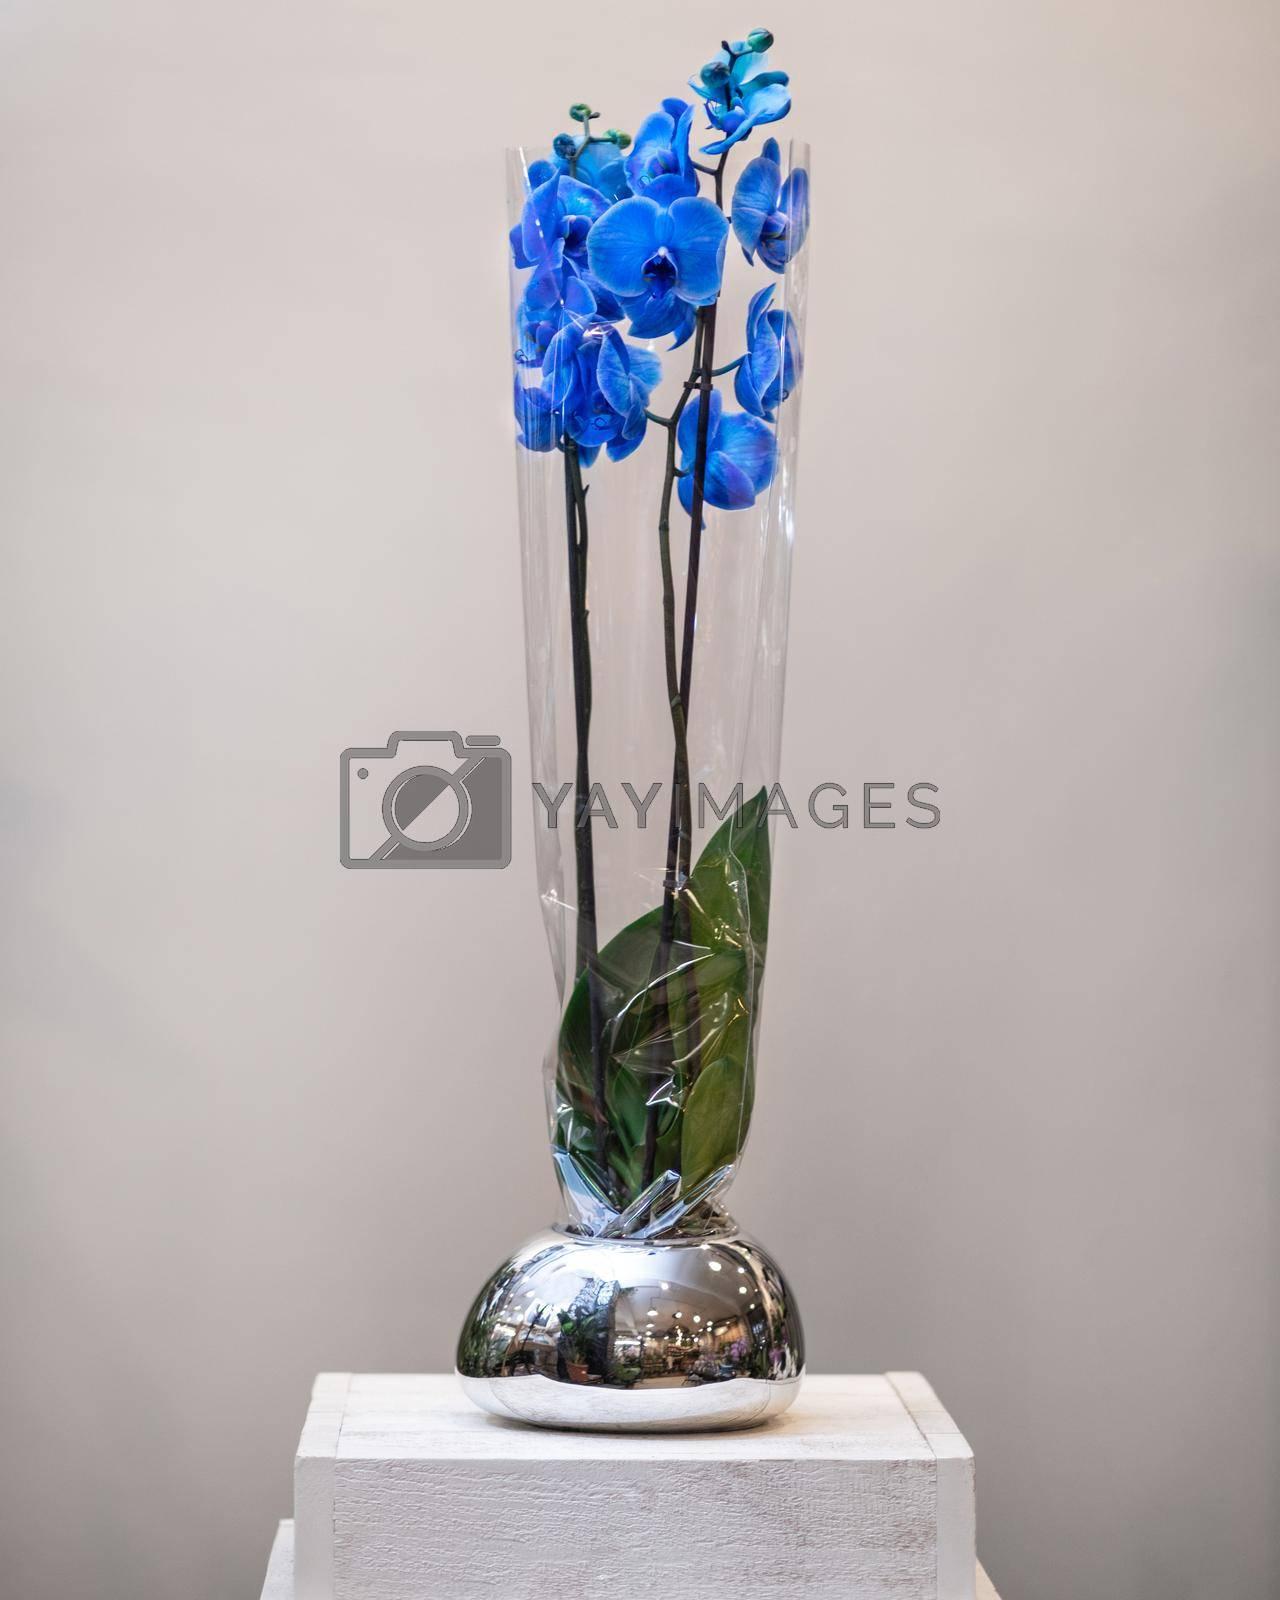 Painted blue Phalaenopsist moth orchid